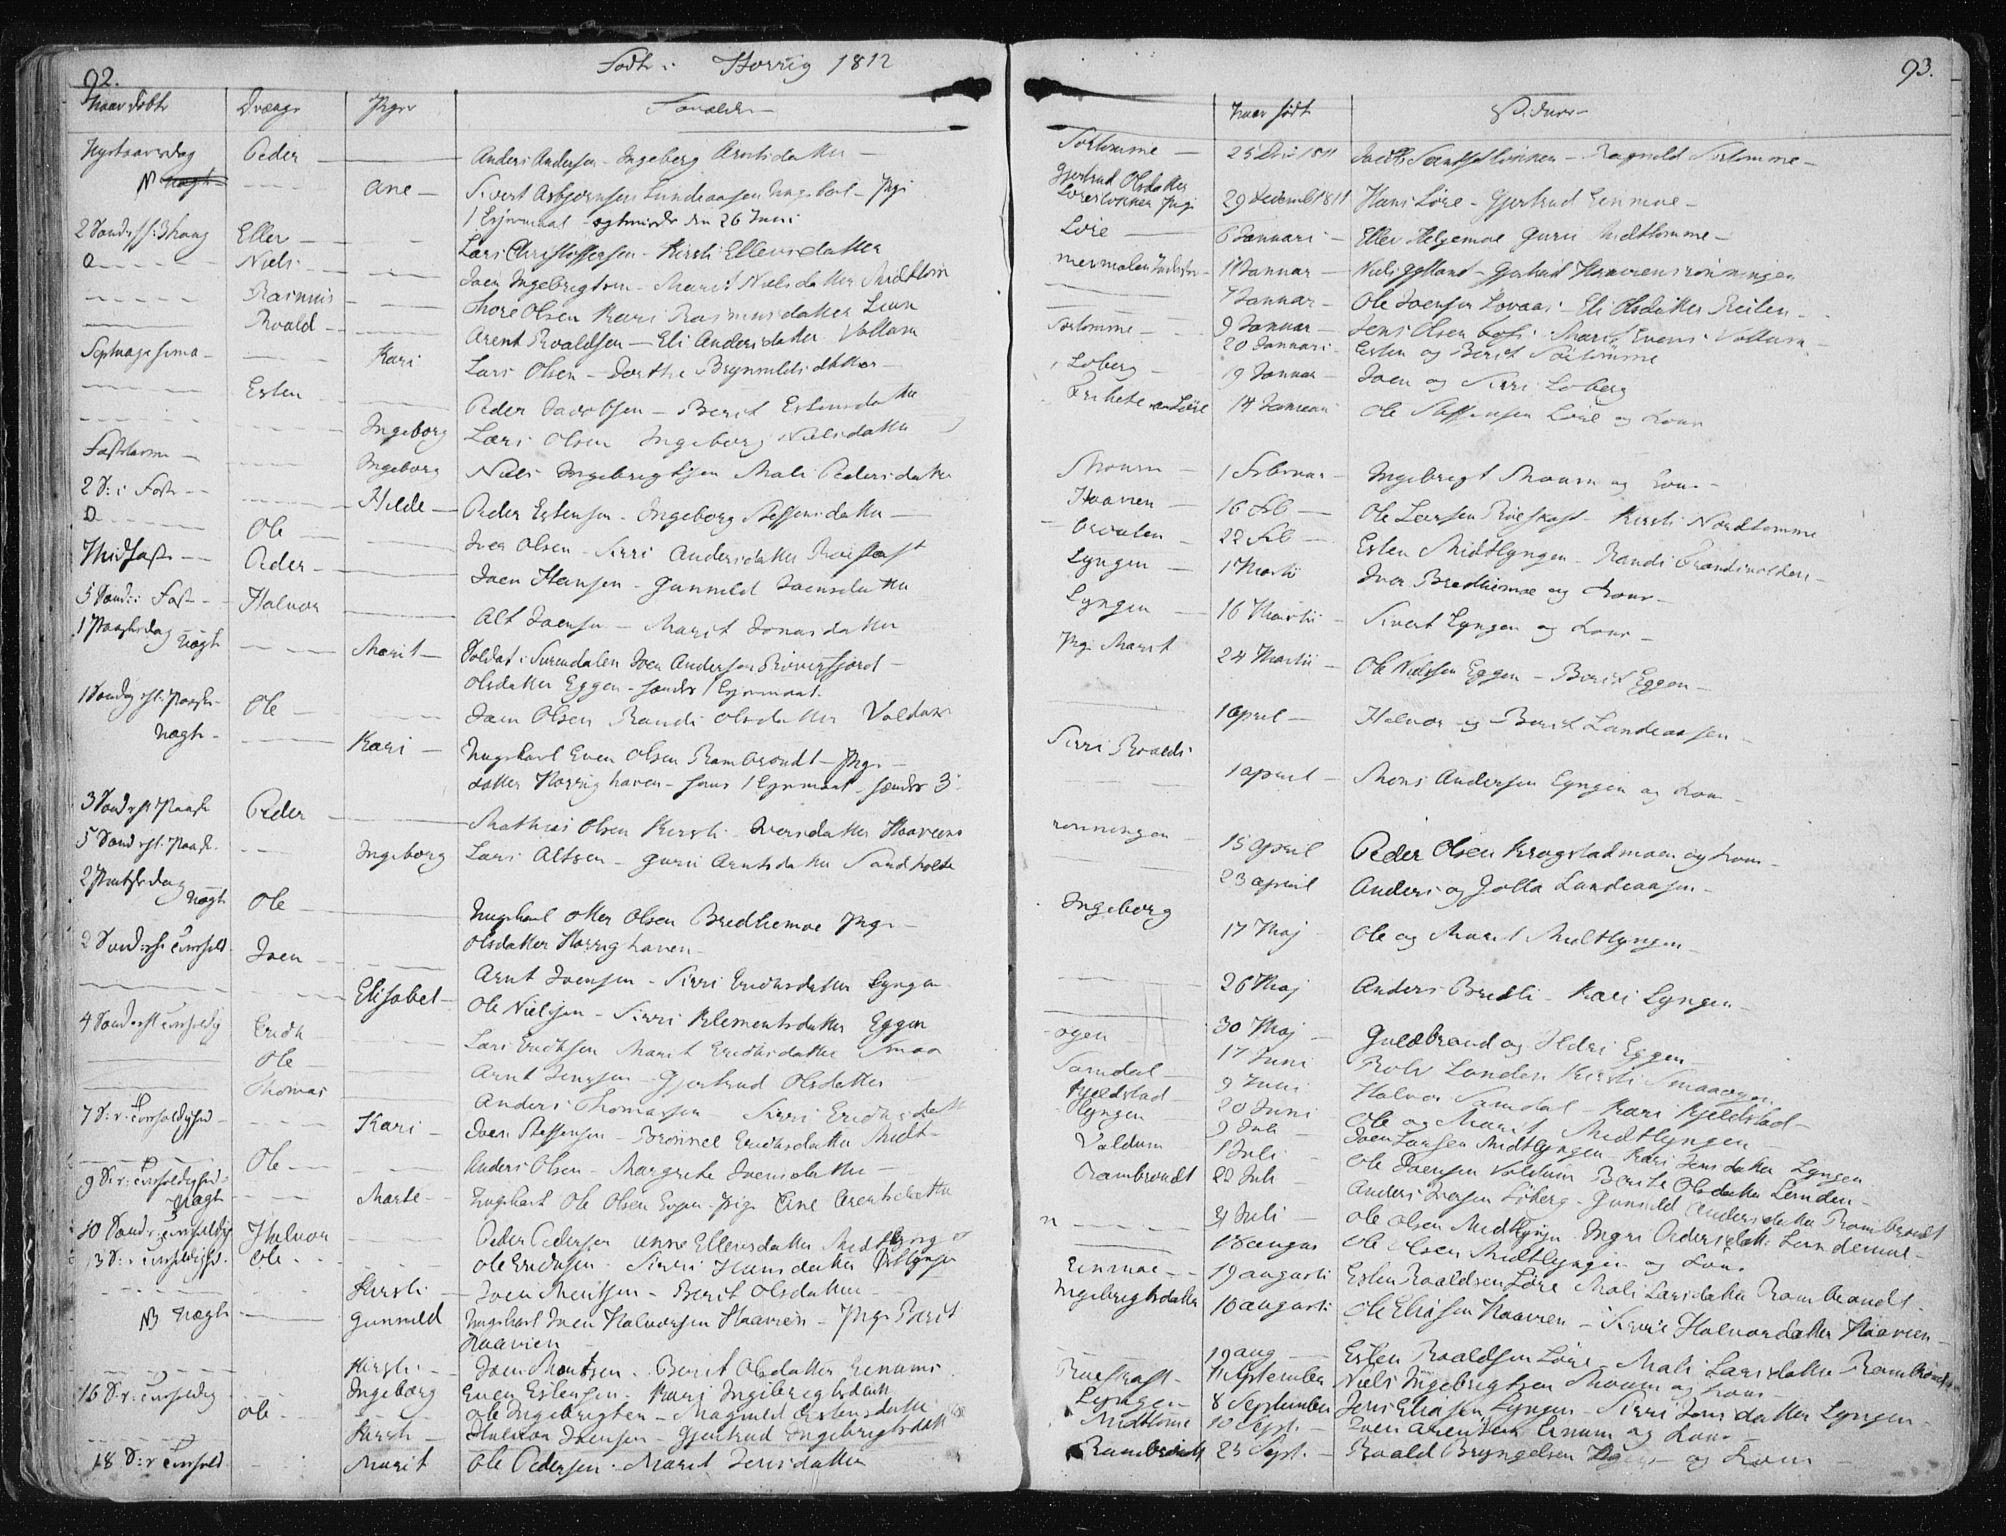 SAT, Ministerialprotokoller, klokkerbøker og fødselsregistre - Sør-Trøndelag, 687/L0993: Ministerialbok nr. 687A03 /2, 1788-1815, s. 92-93